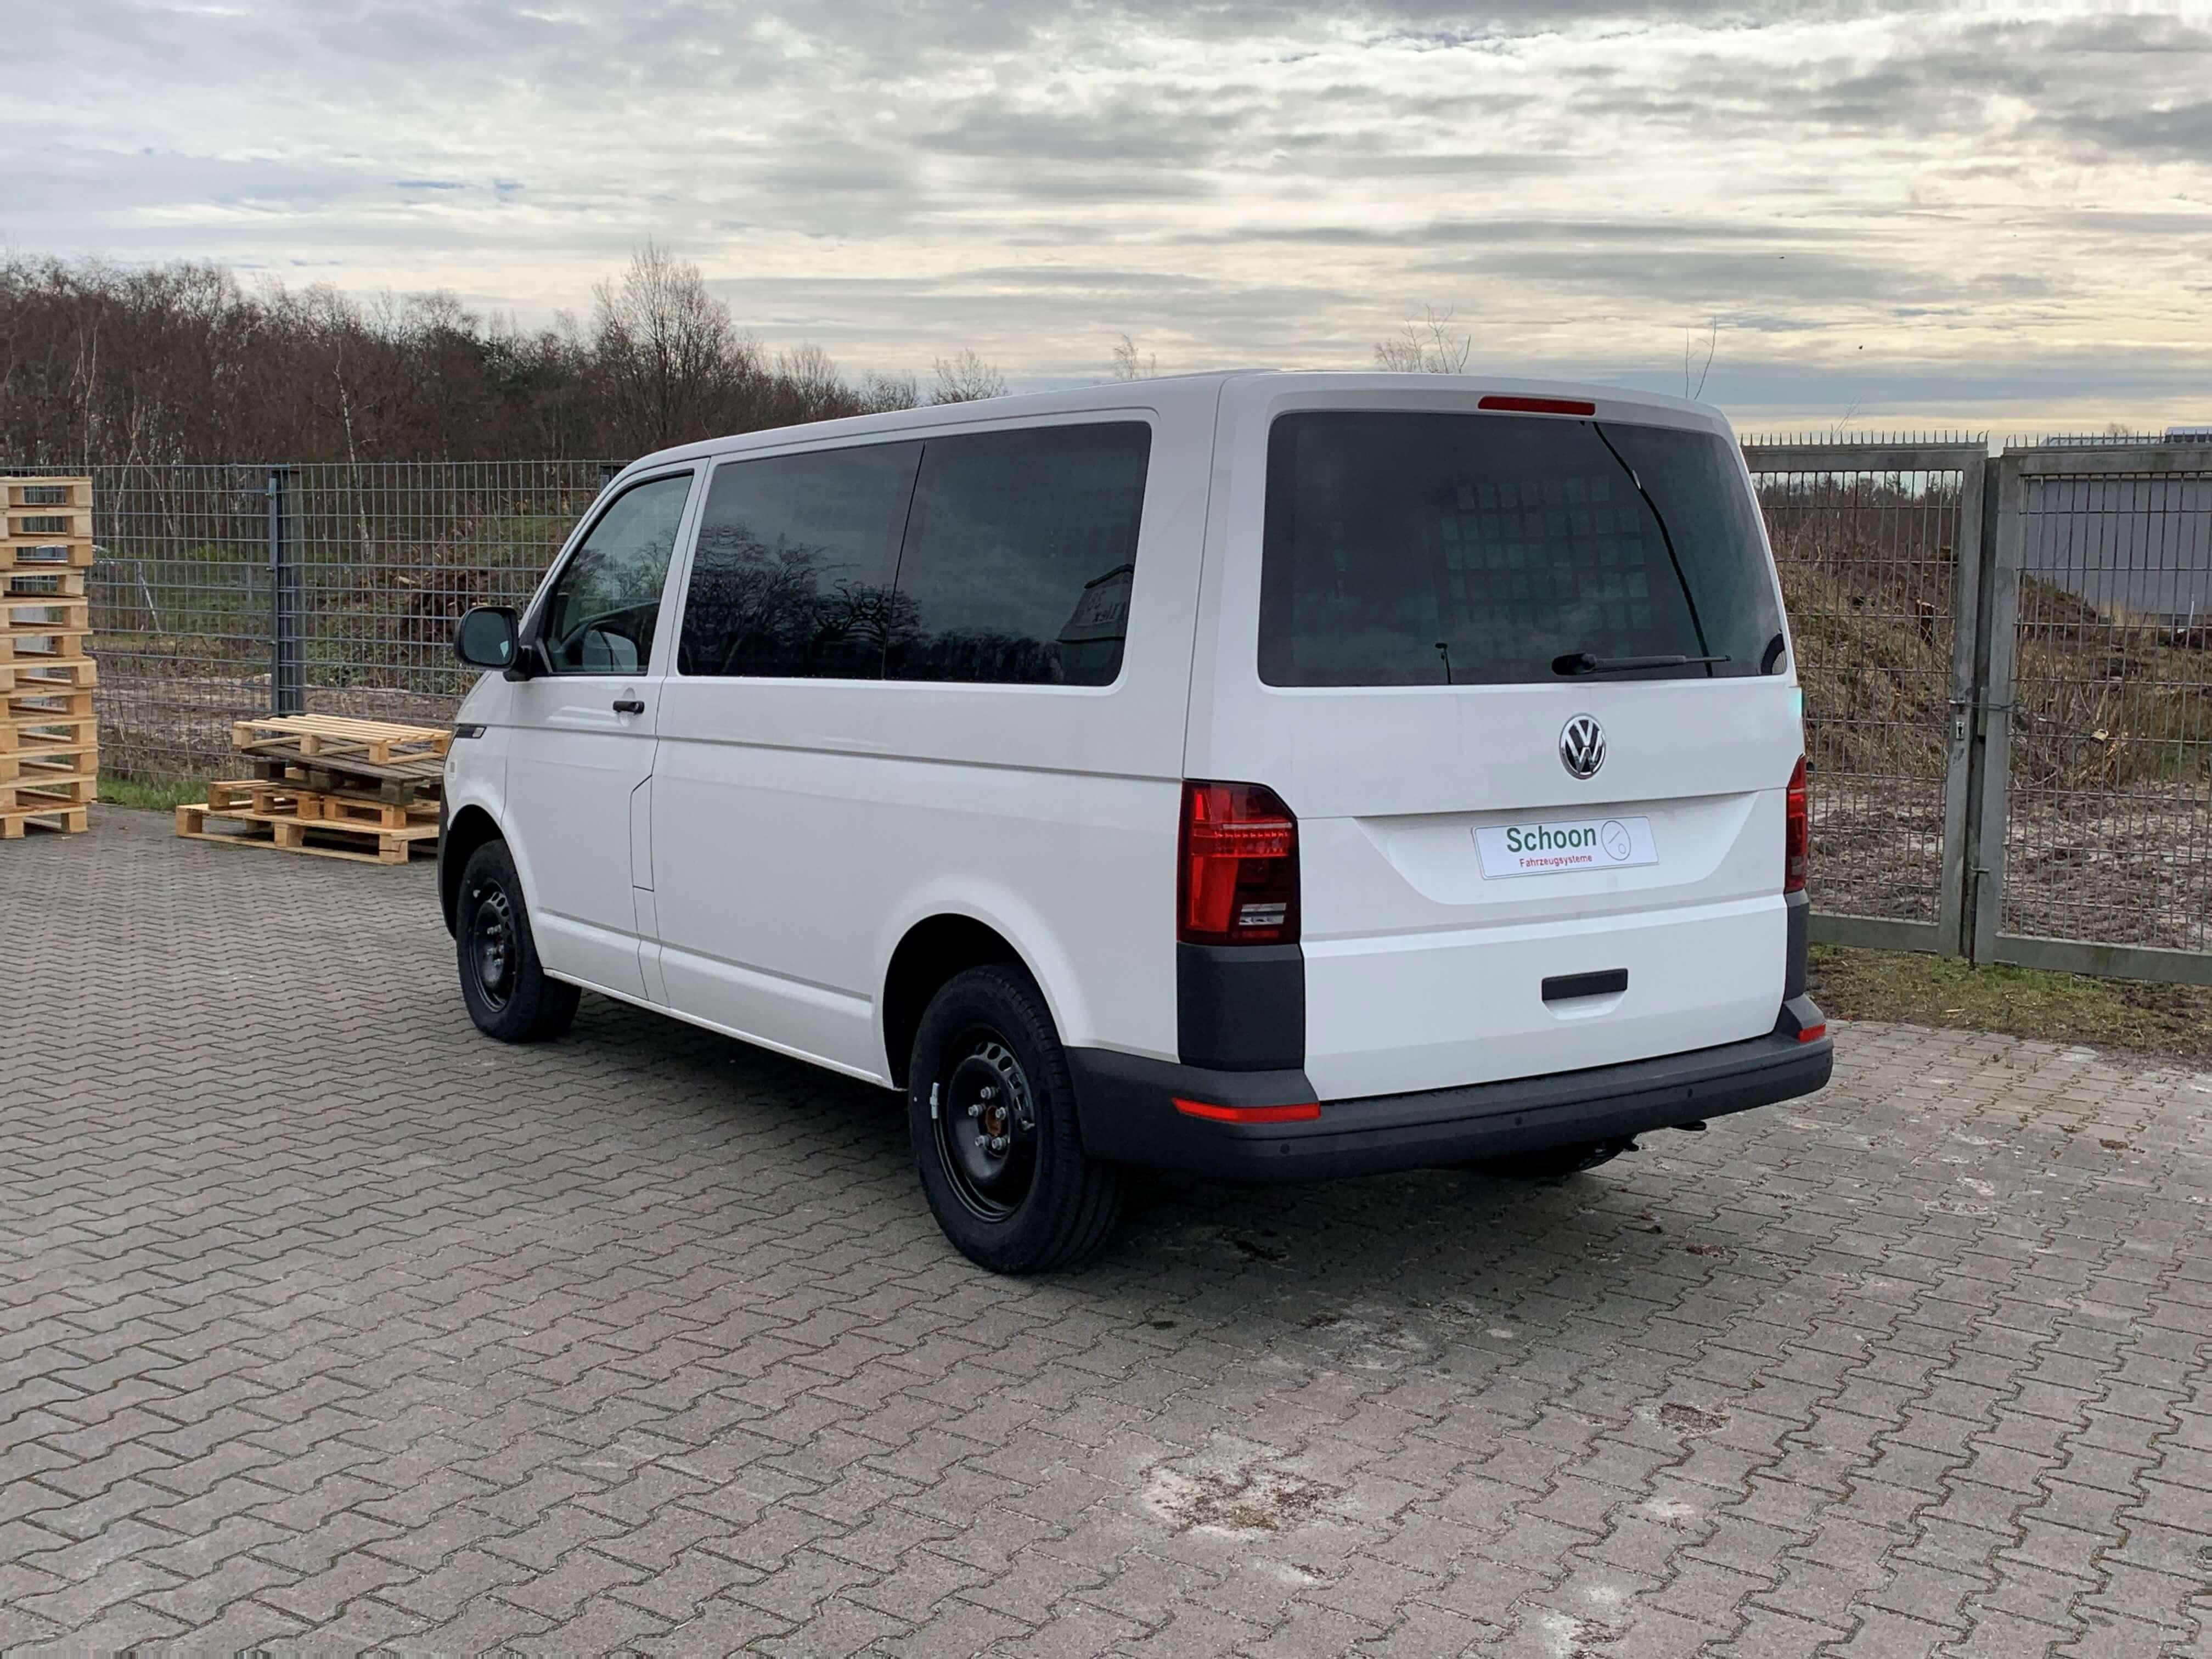 Volkswagen Transporter T6.1 Kombi mit Ausbau zum Gefangenentransporter (3)